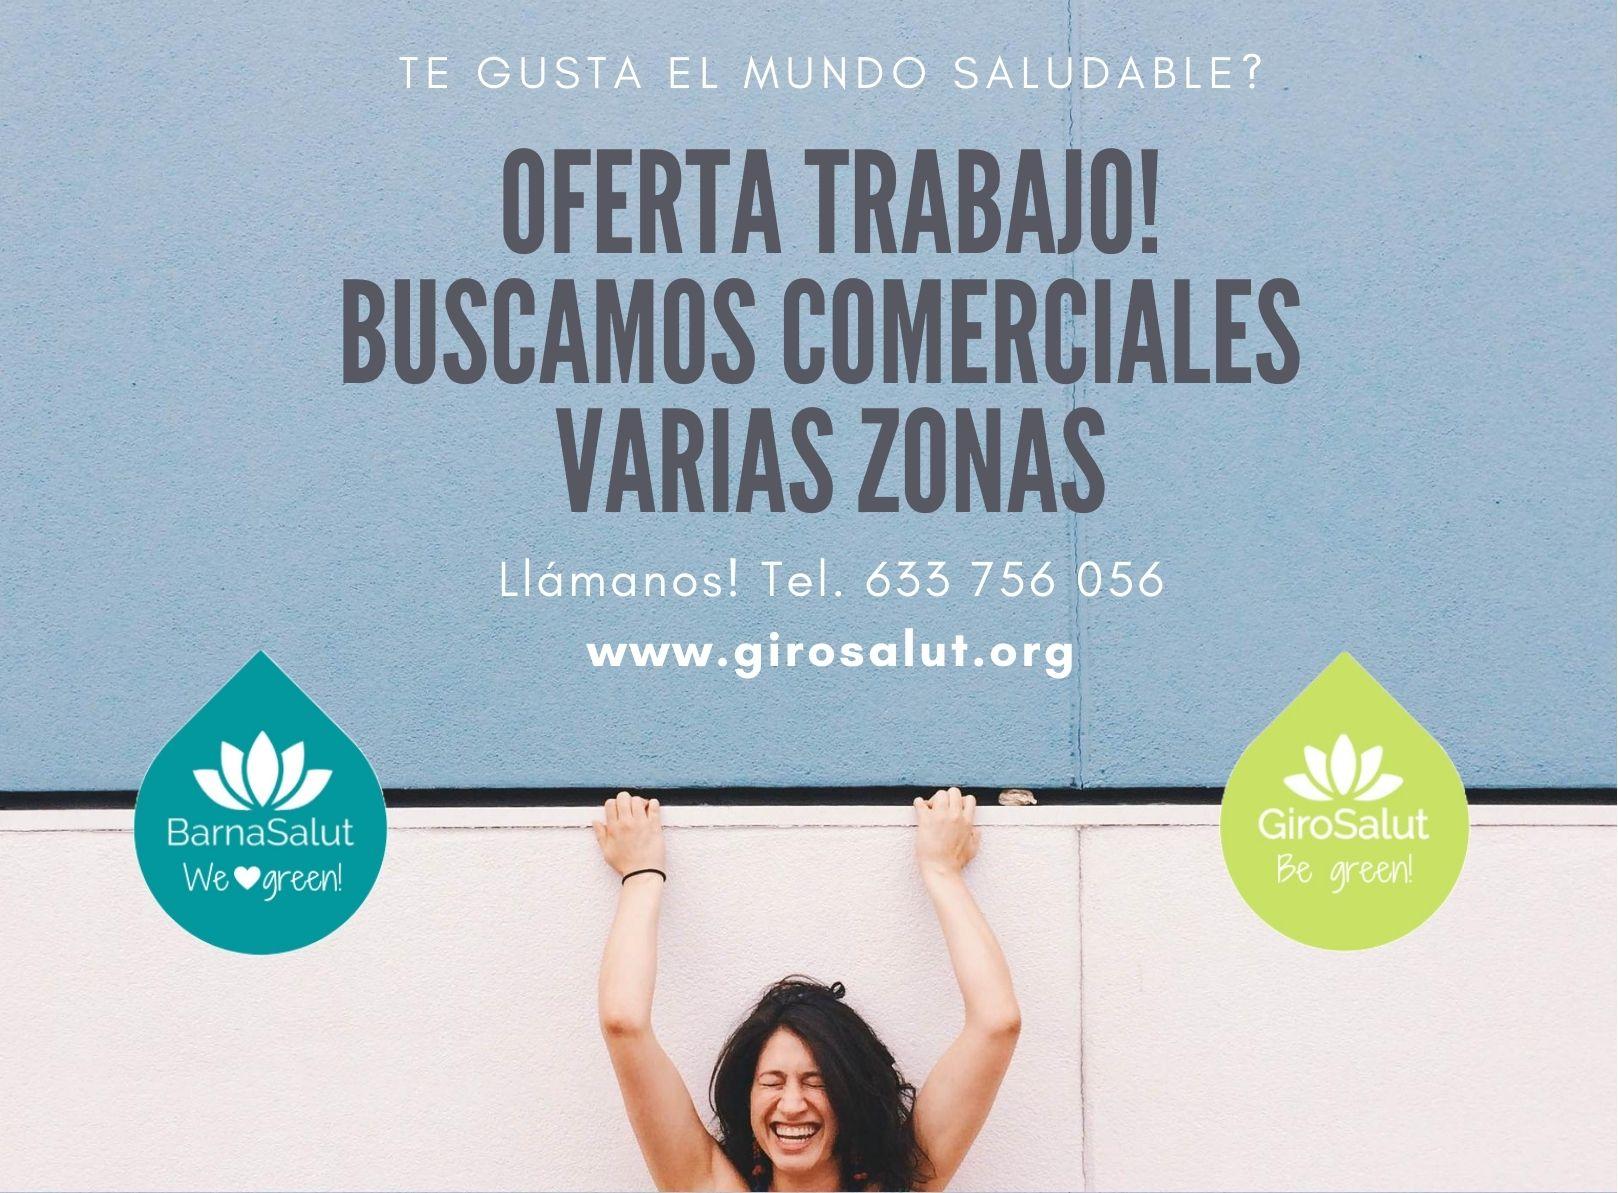 OFERTA DE TRABAJO: ¡BUSCAMOS BIO COMERCIALES!